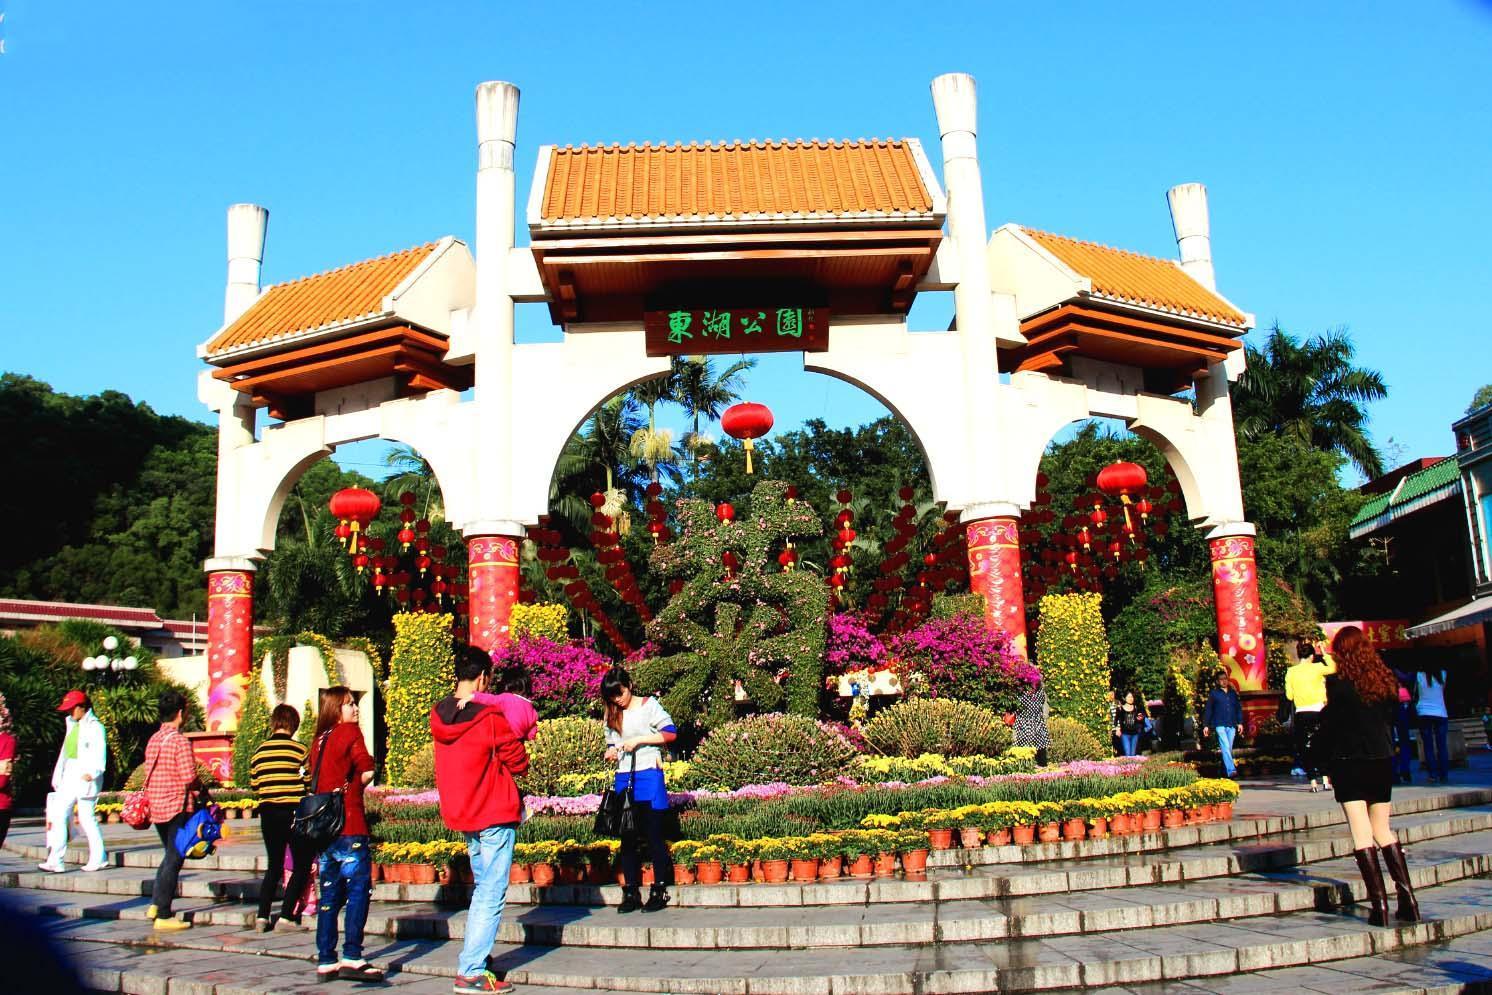 深圳东湖公园在_攻略/深圳12个免费又好玩的地方